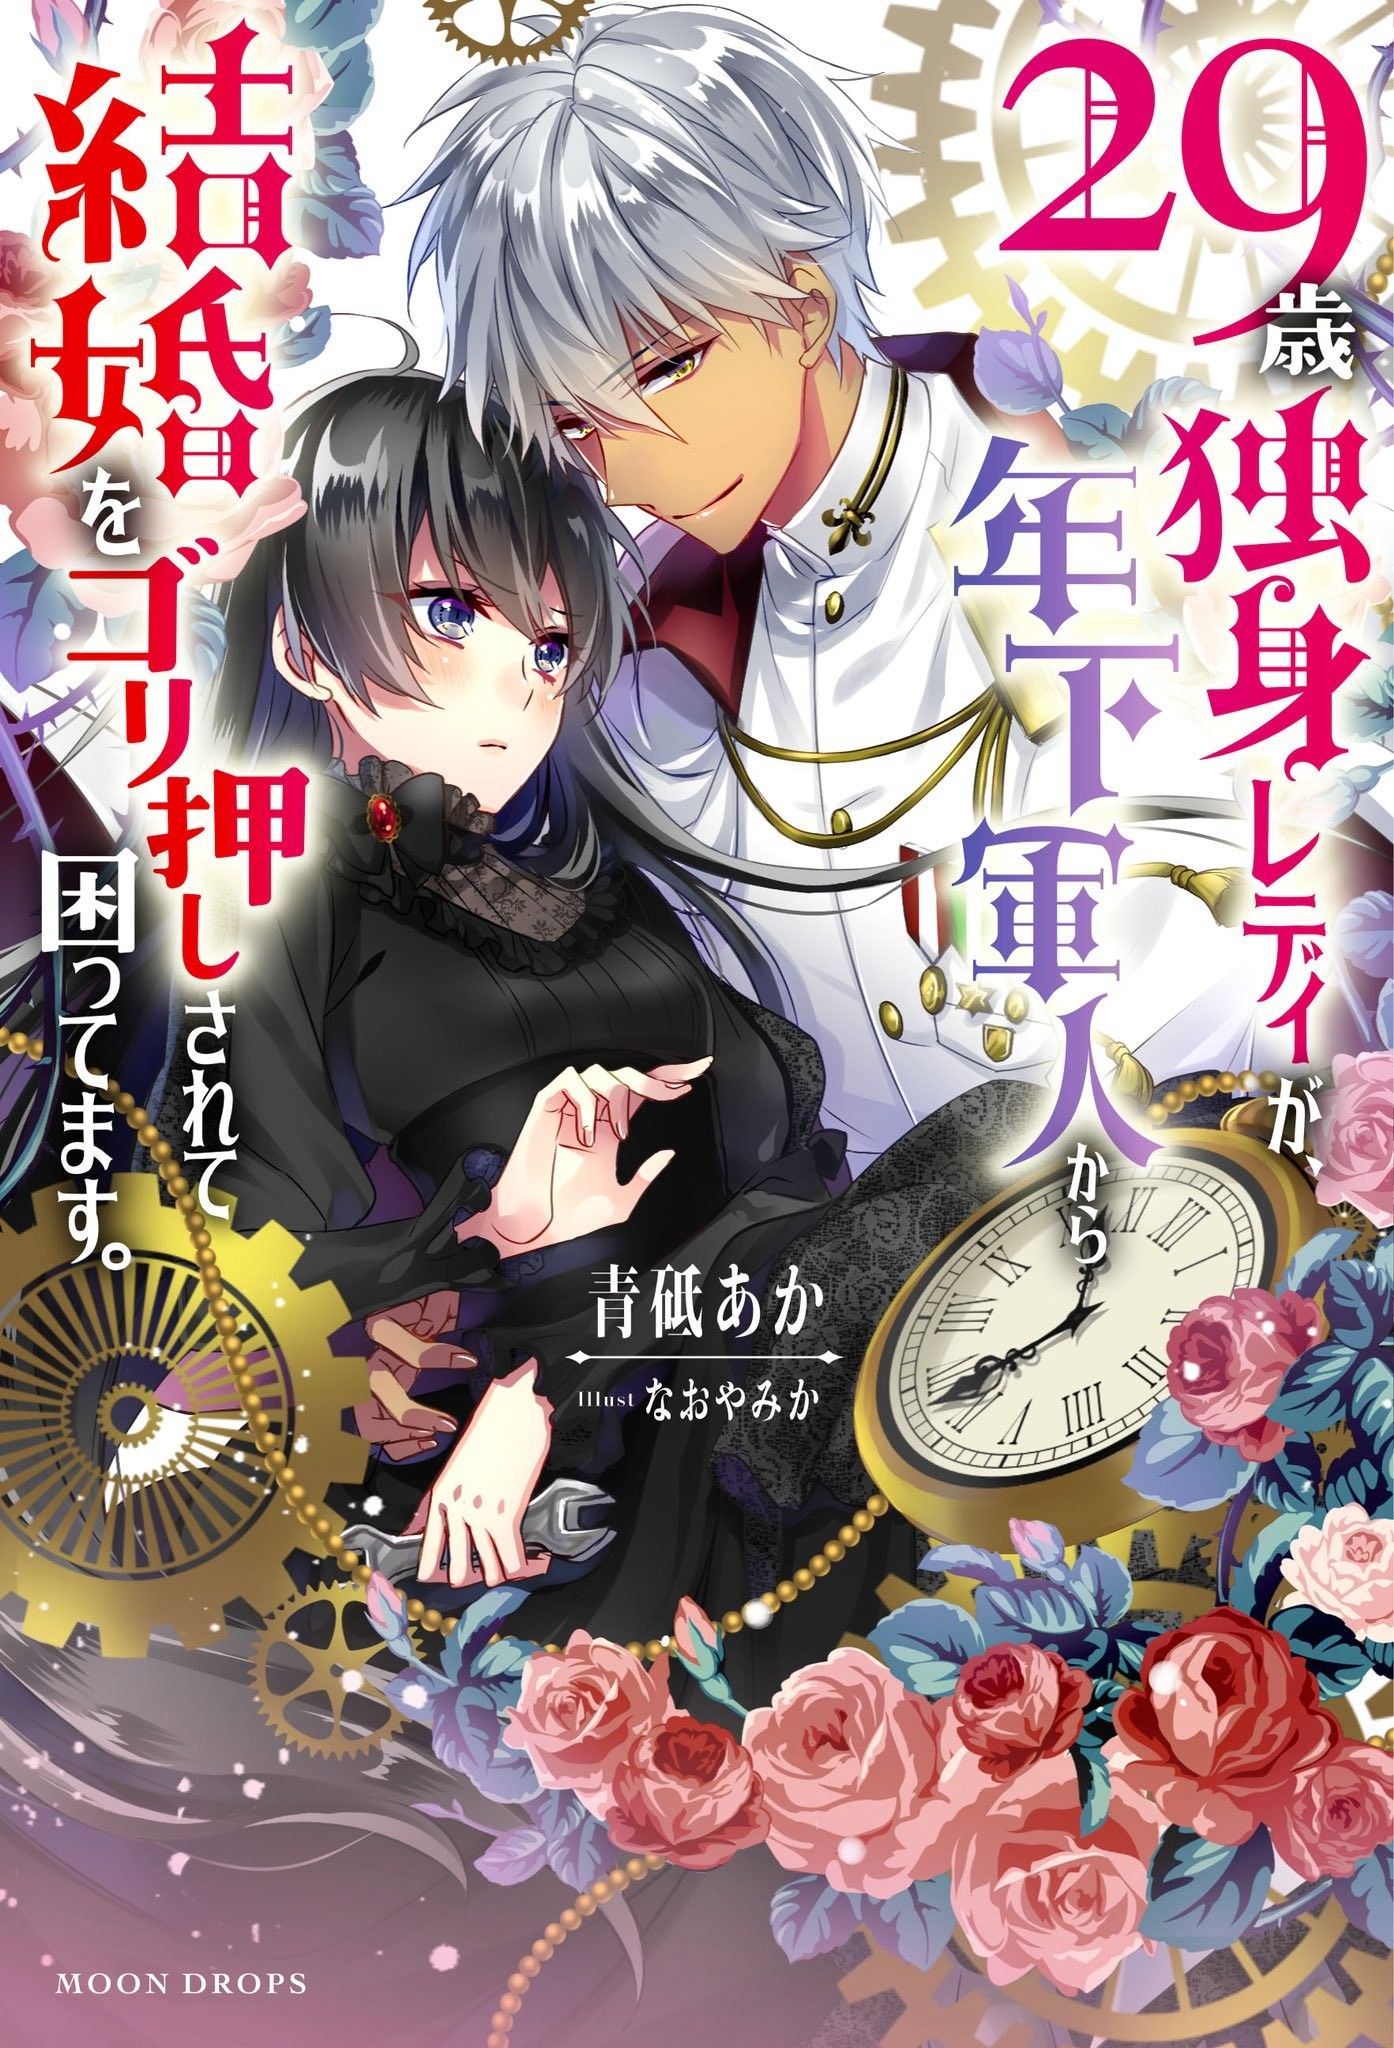 Pin on manga covers